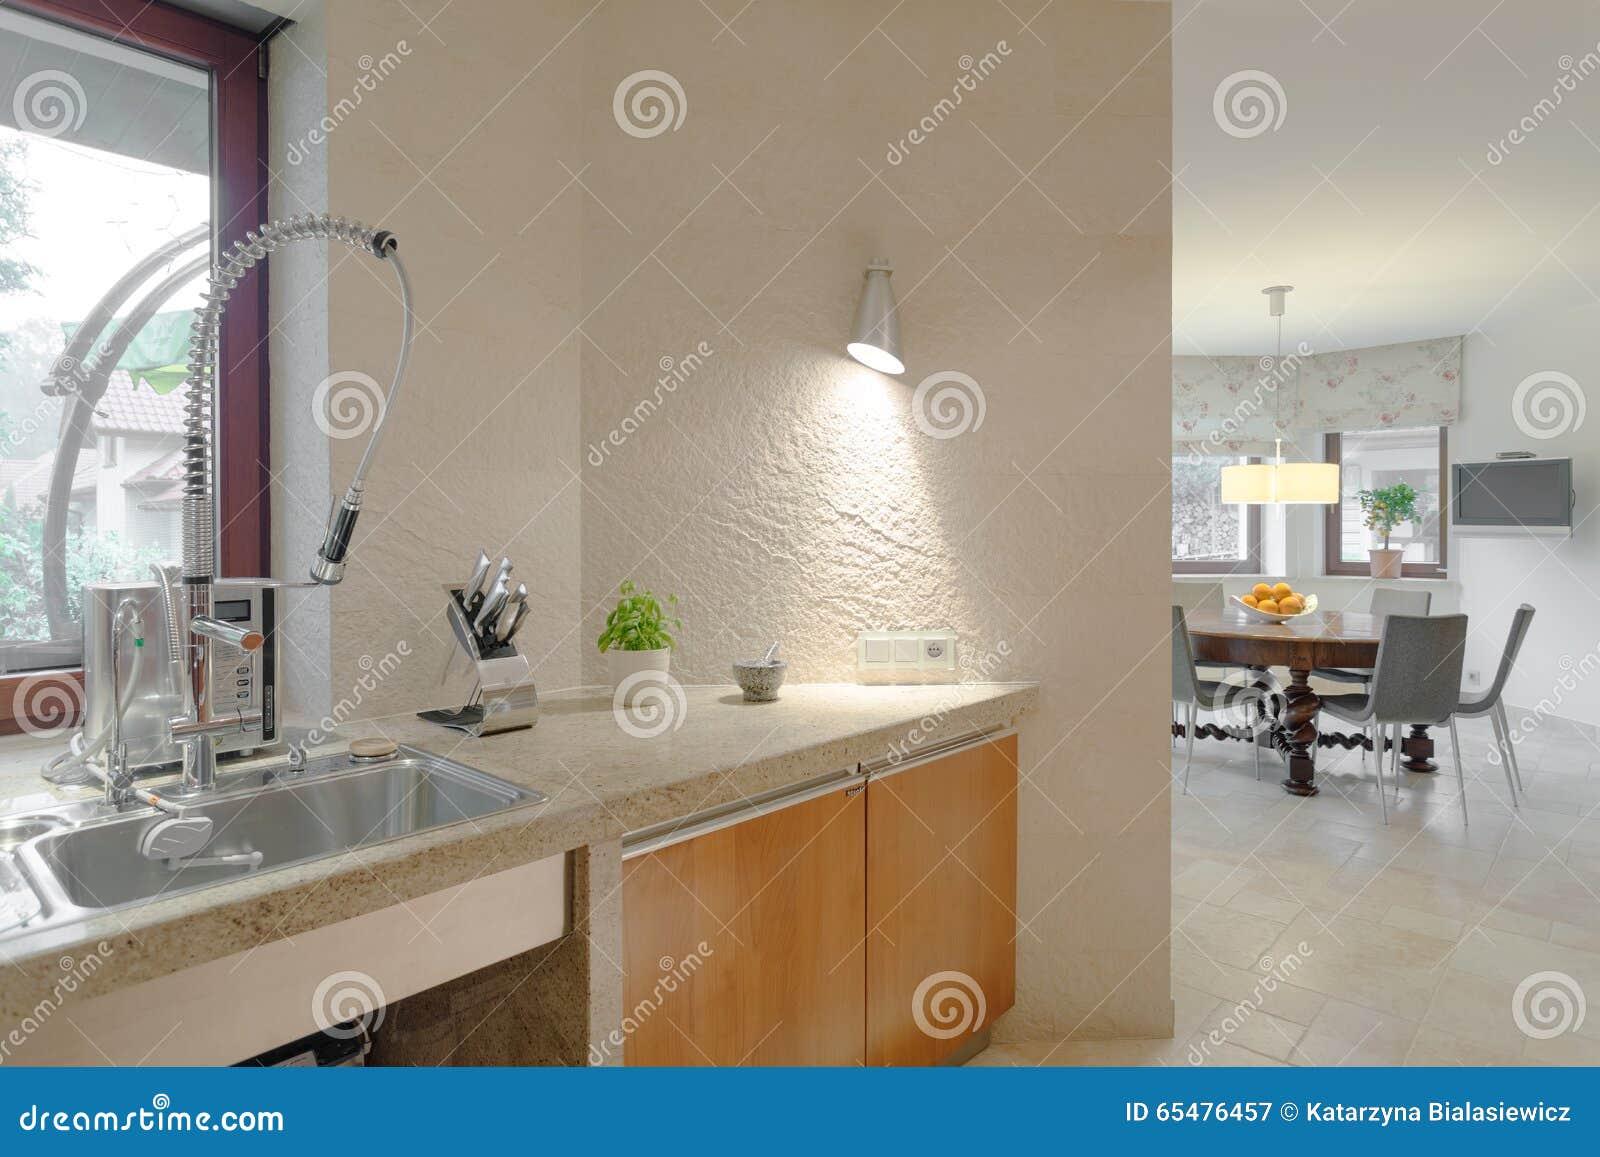 Cuisine Moderne Avec L'équipement Professionnel Photo stock ...